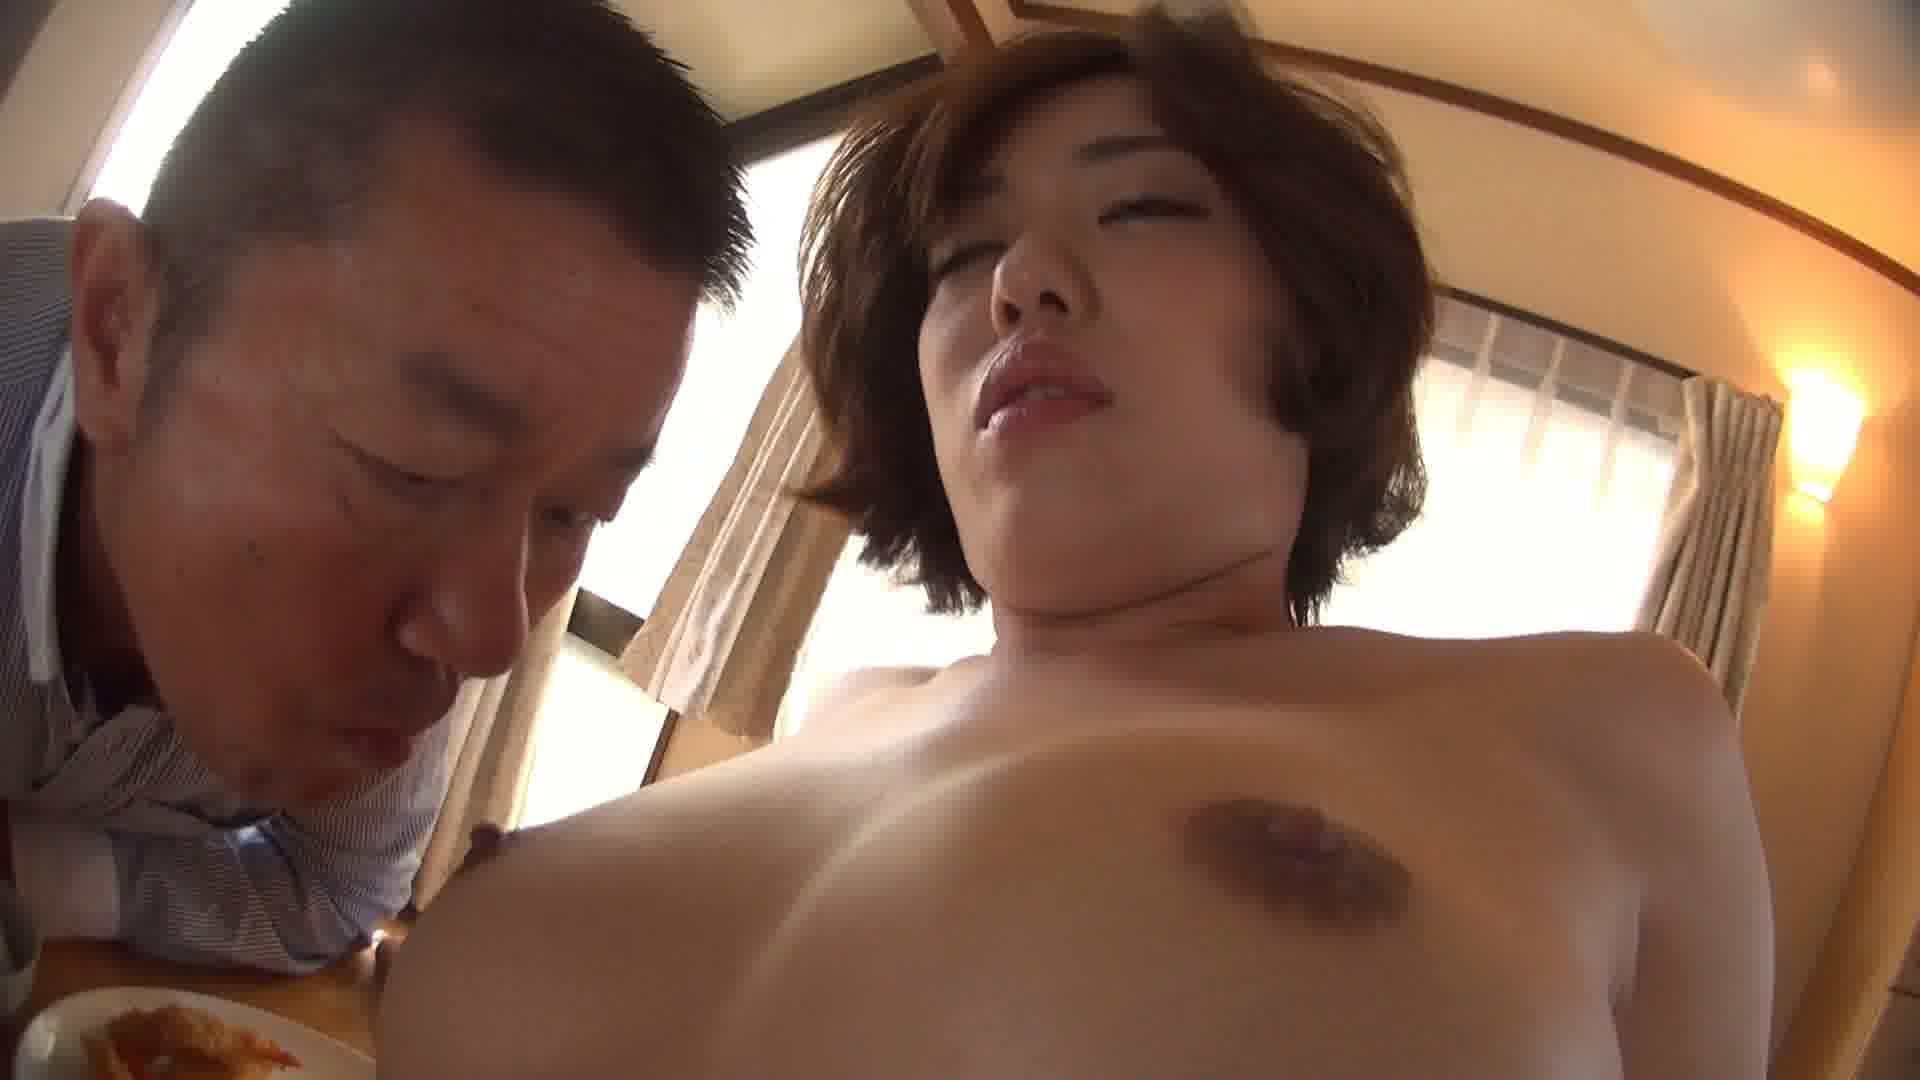 妖艶巨乳全裸家政婦 PART1沙月由奈